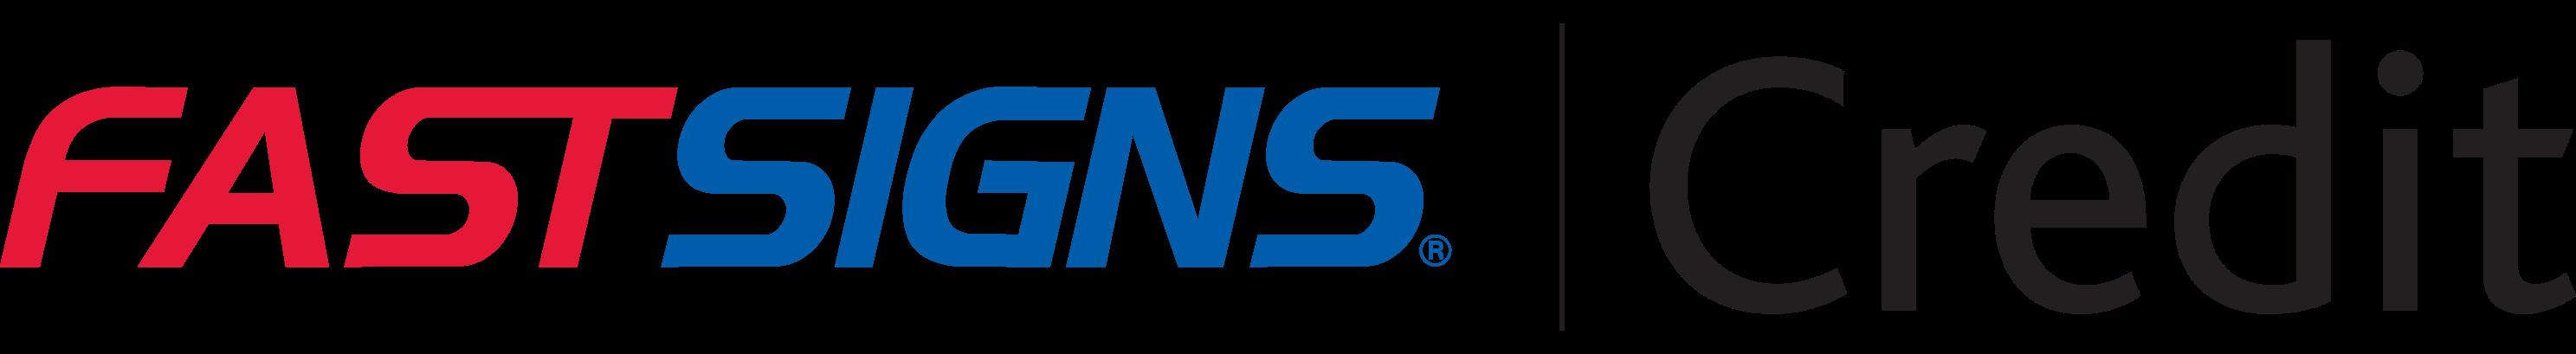 fastsigns_credit